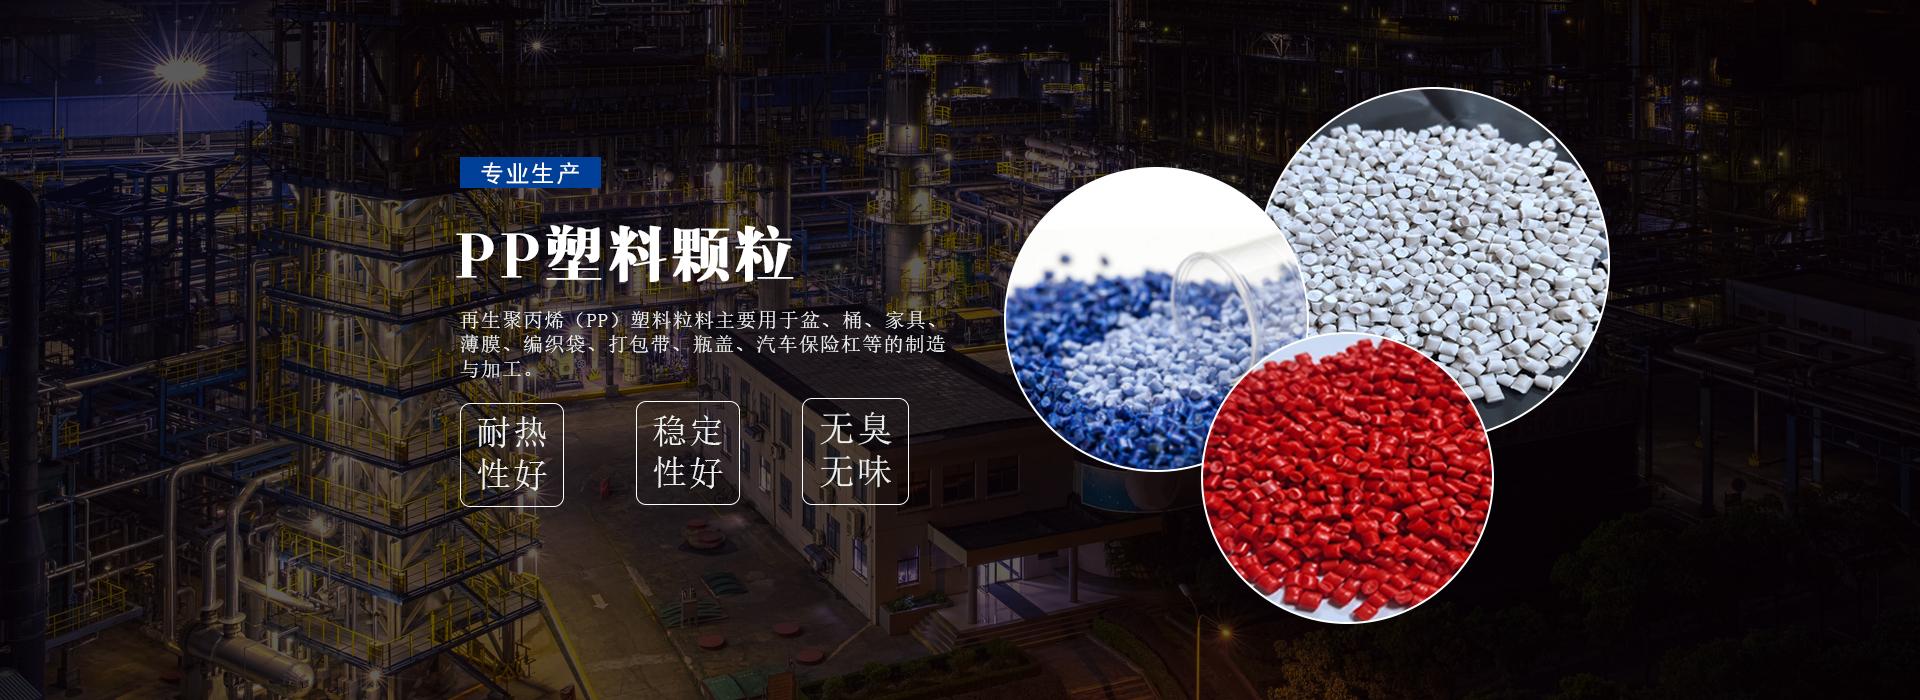 四川有哪些因素会影响PP塑料颗粒价格?